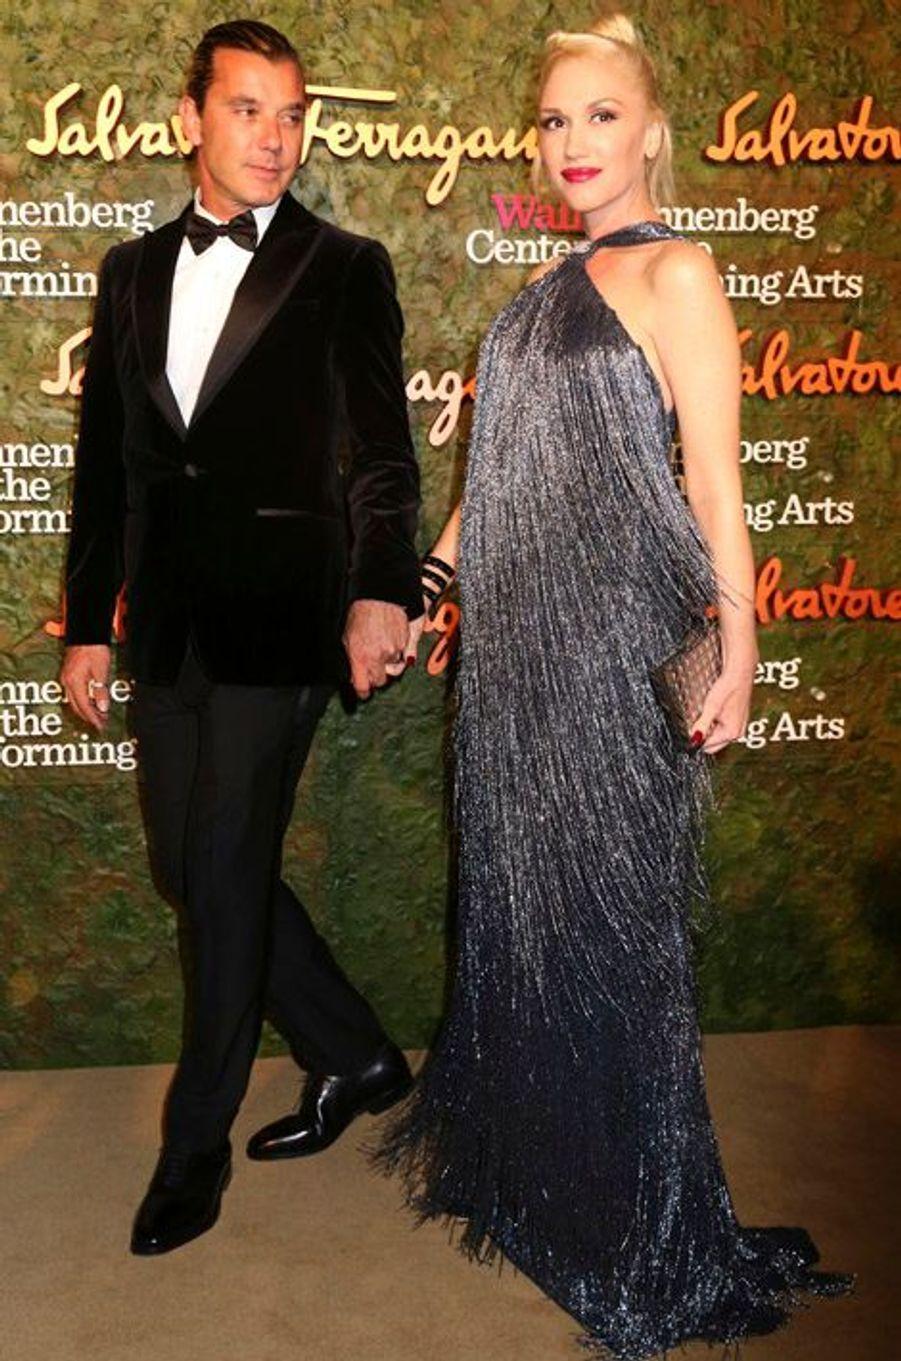 Gwen Stefani est enceinte de son troisième enfant à 43 ans. Elle et son mari ont déjà deux garçons,Kingston et Zuma.